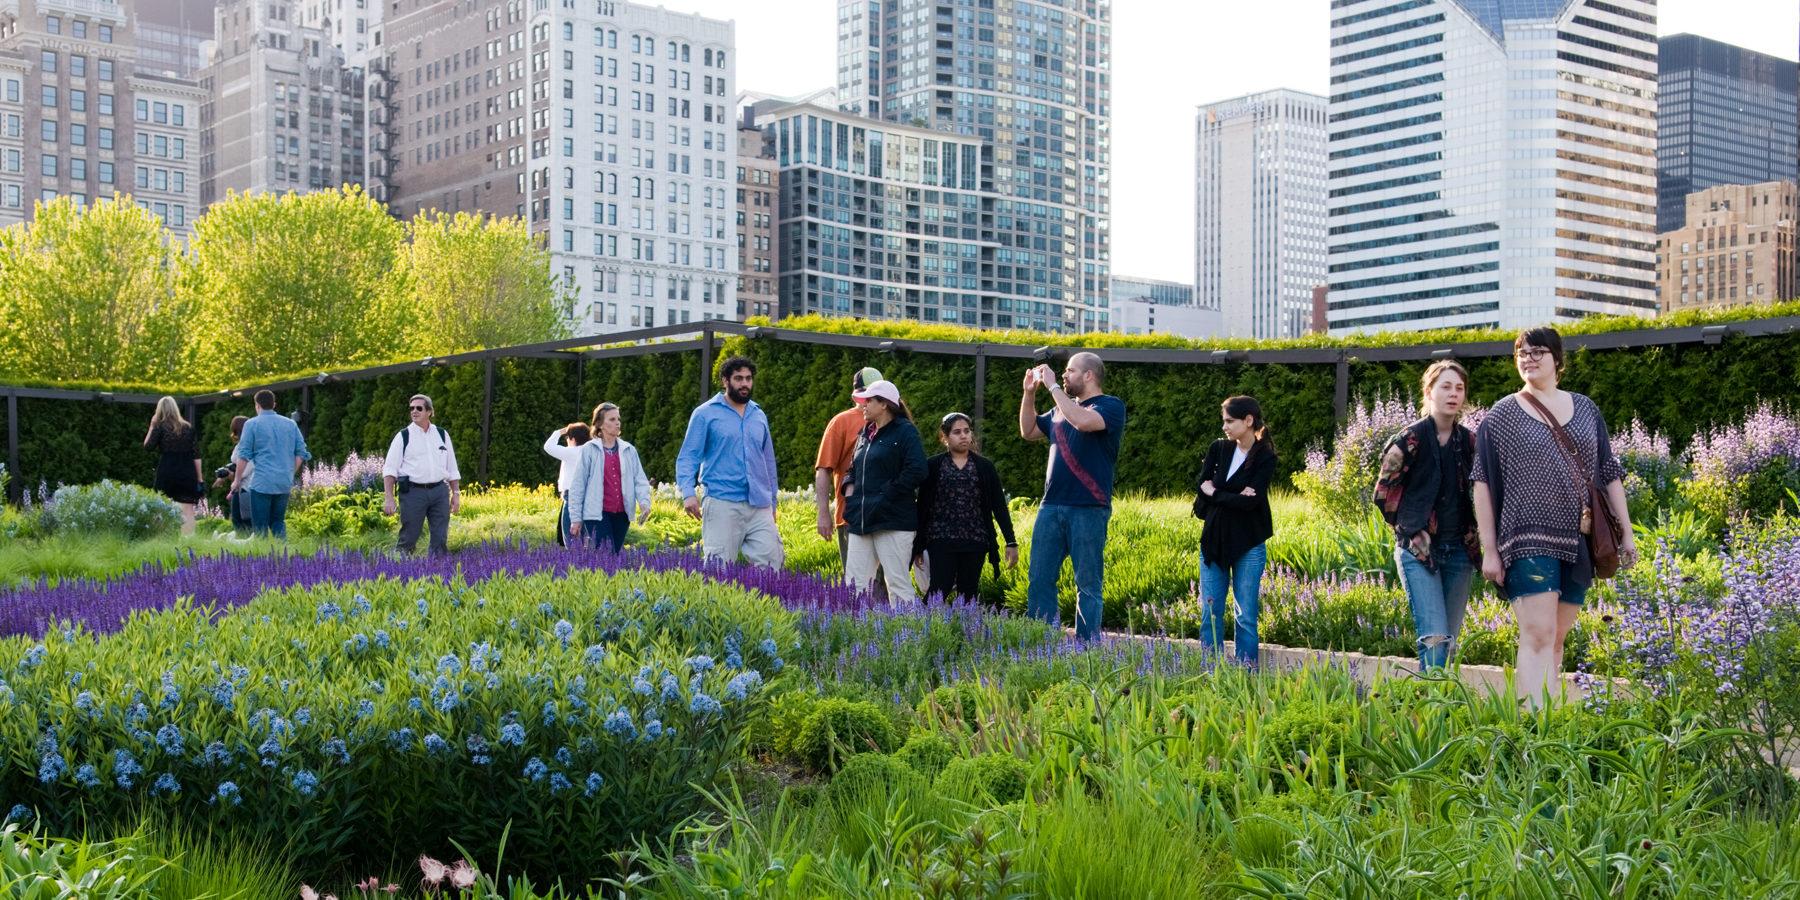 Garden tour in Chicago